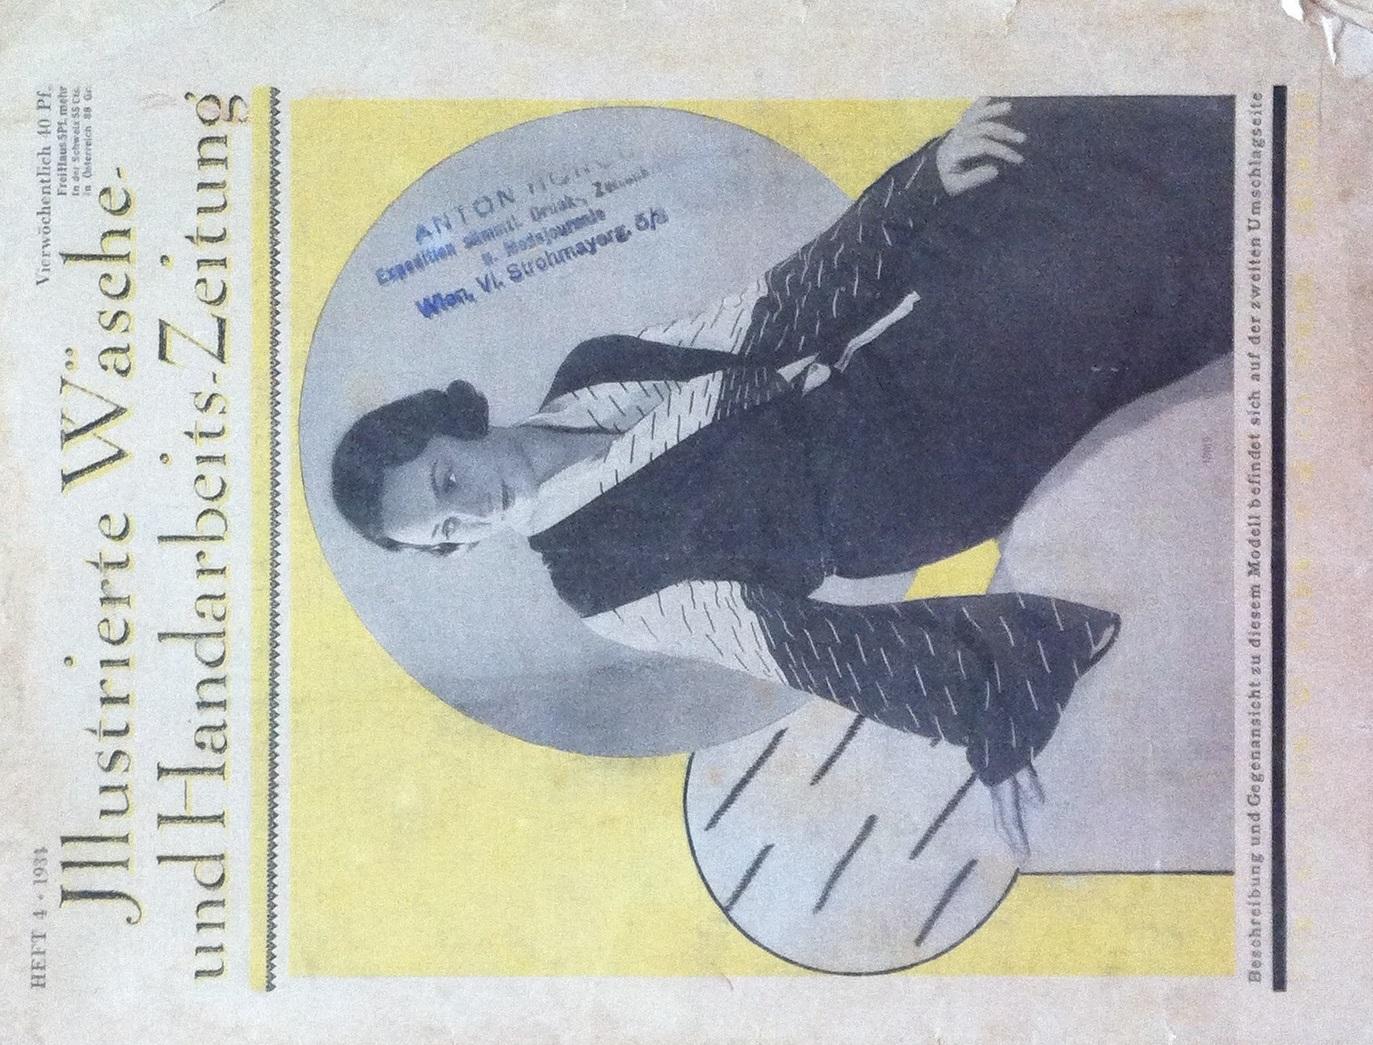 Illustrierte Wäsche- und Handarbeits-Zeitung No. 4 1934